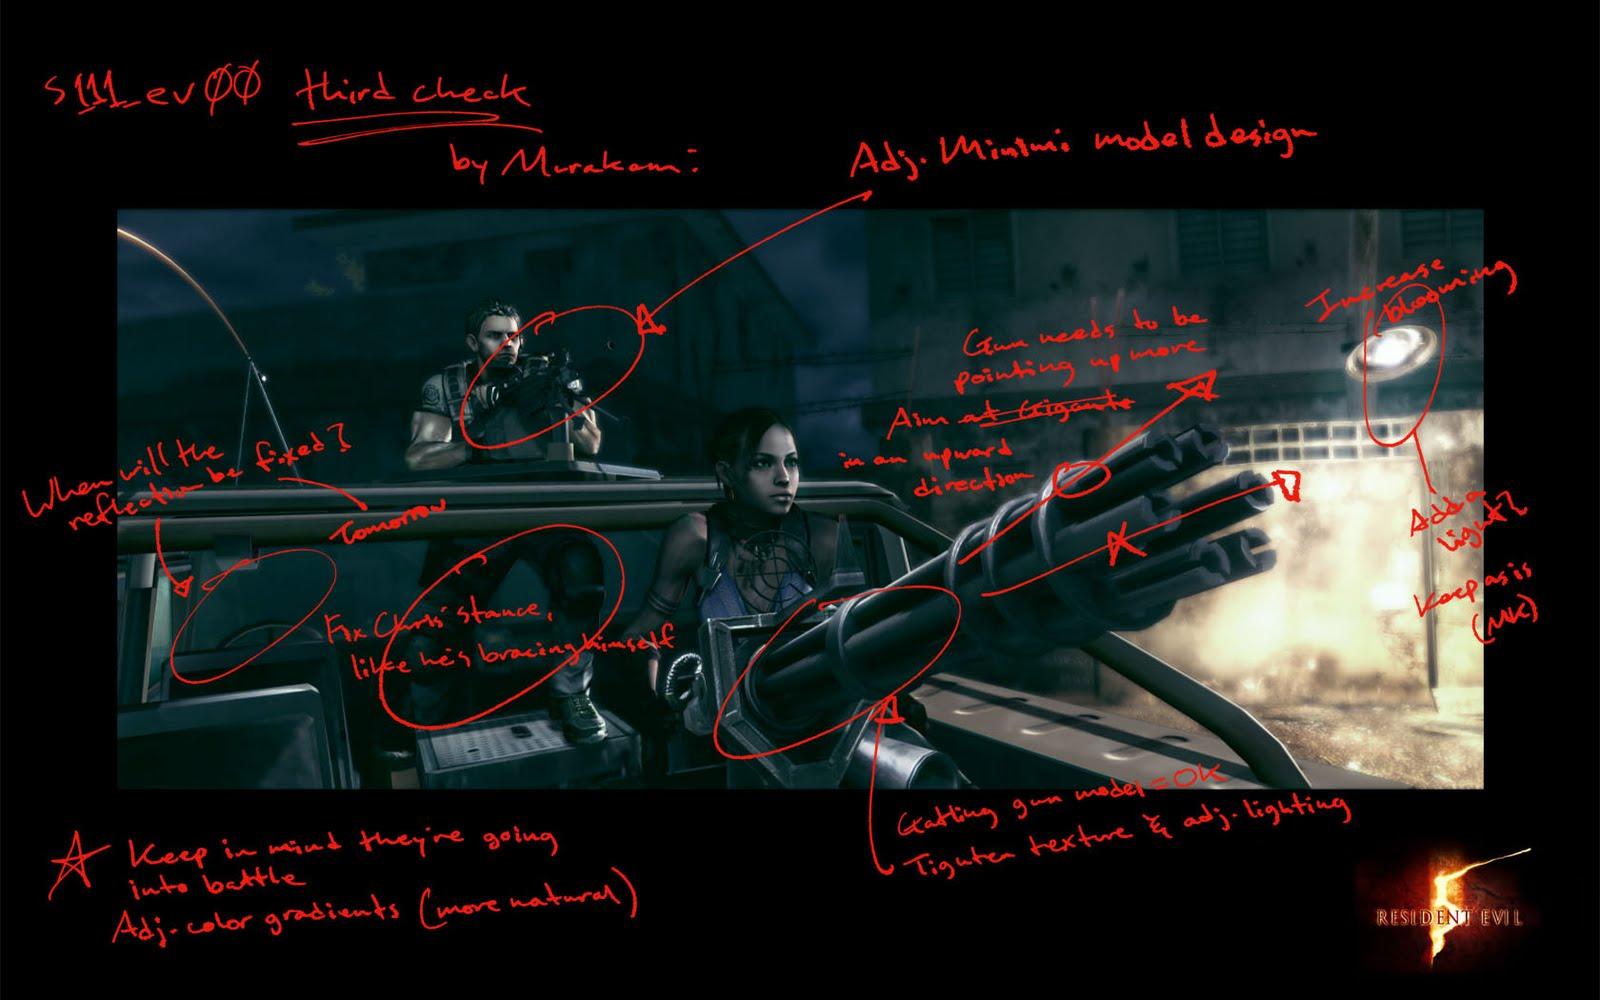 Resident evil 5 wallpapers pc games wallpapers - Wallpaper resident evil 5 ...